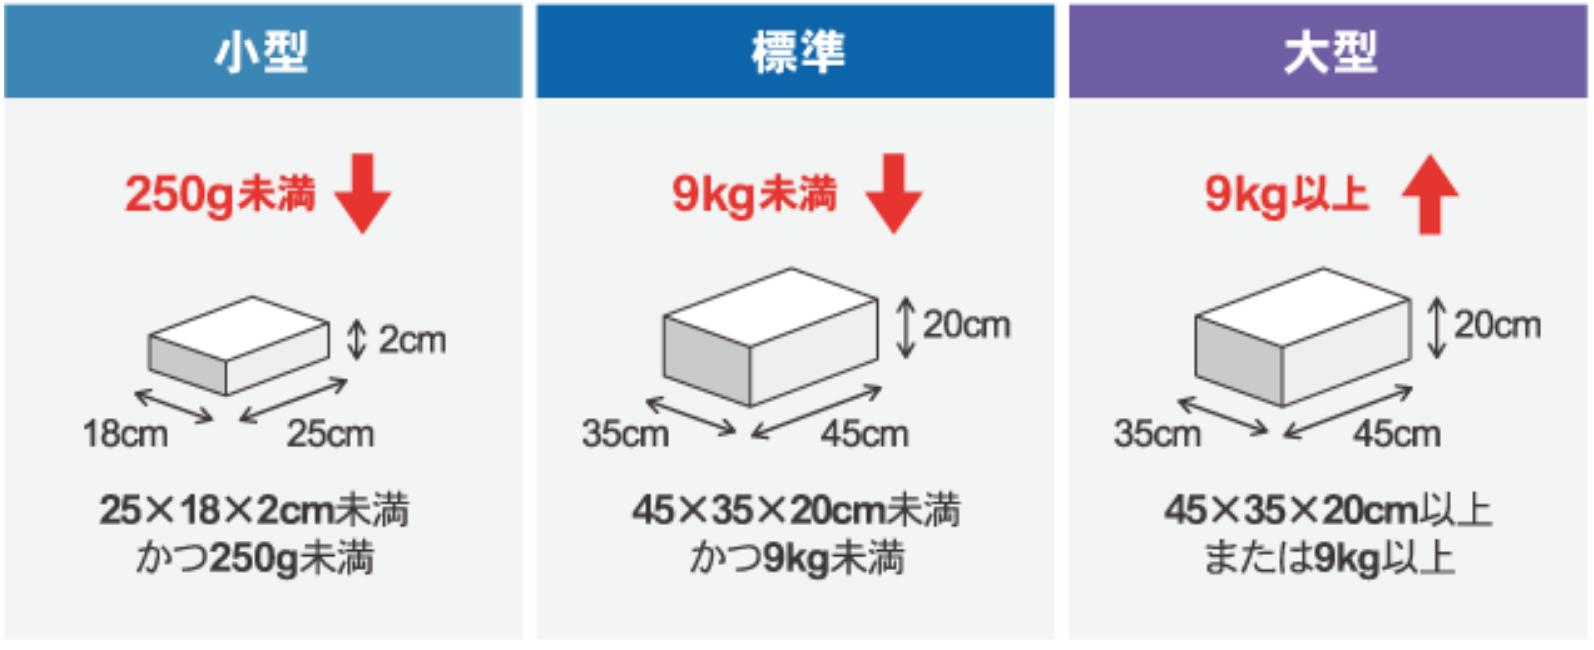 6ea34b7db1624fc3e794de8f0d9a713b - 利益率大幅アップ!3つのサイズでAmazonFBA手数料を安くする方法